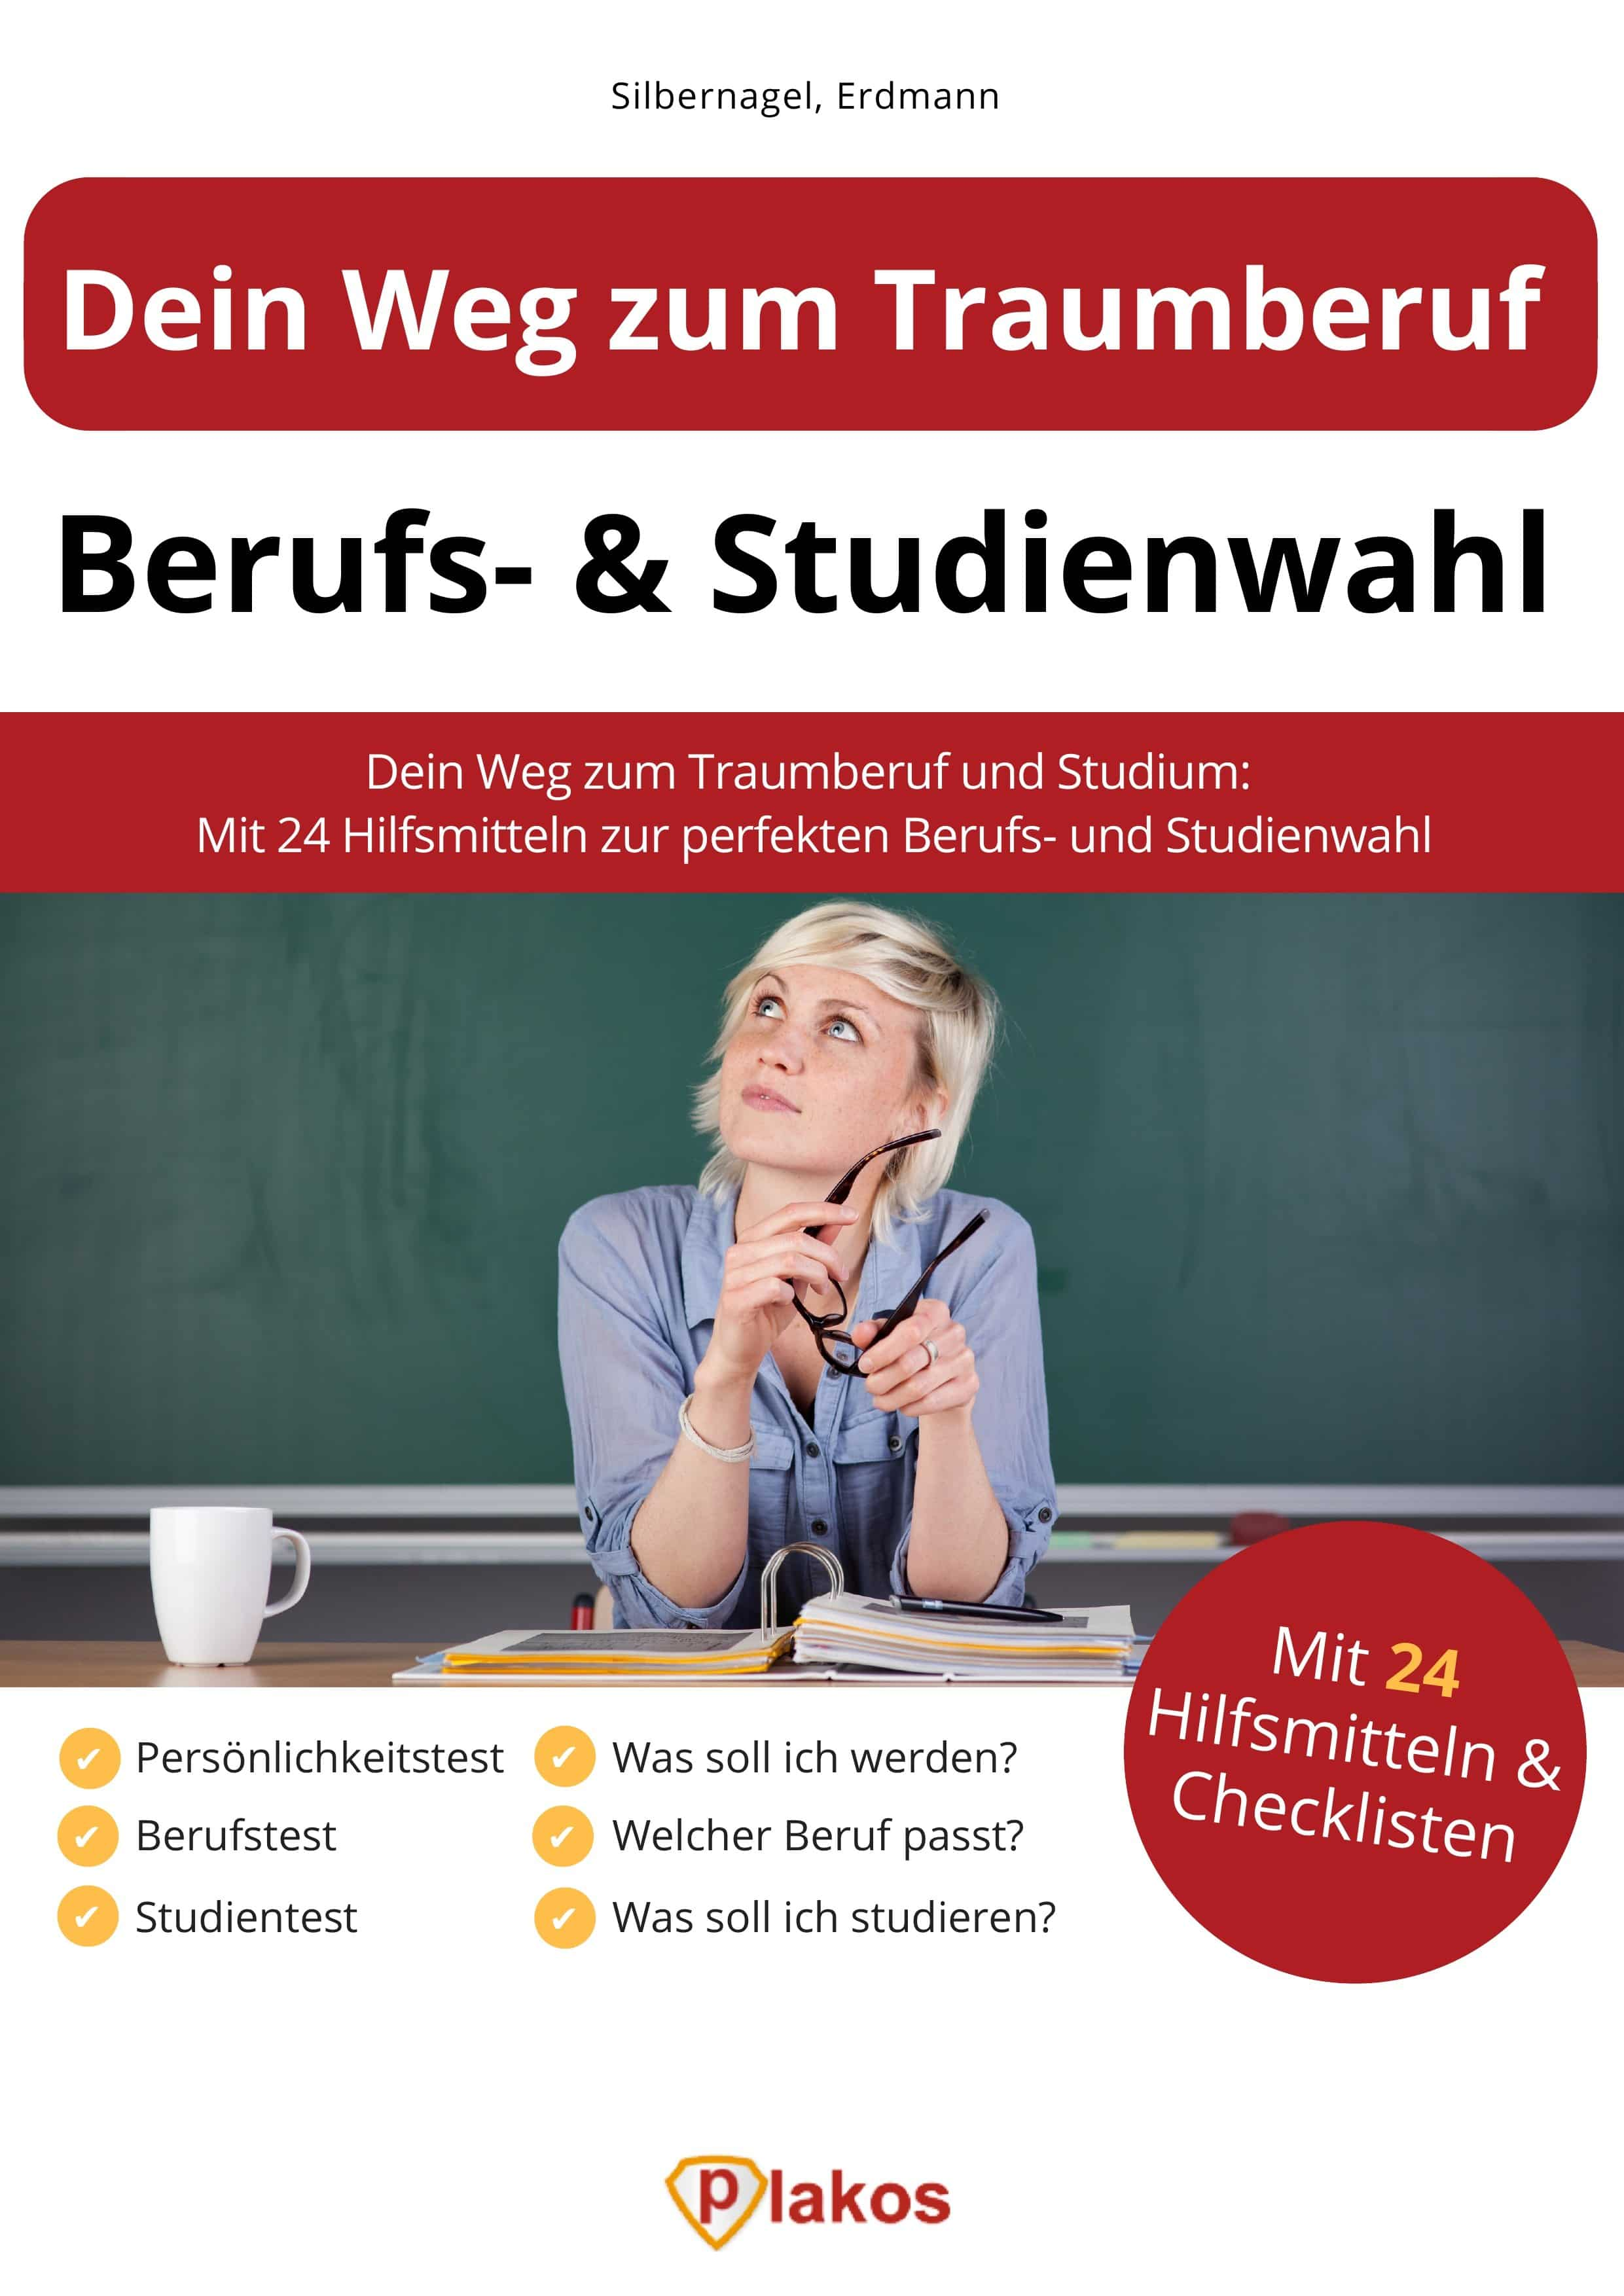 ... Bücher zum Thema Einstellungstest, Bewerbung und Berufswahl sind  äußerst beliebt bei Bewerbern und eine sehr gute Ergänzung zu den Online -Testtrainern!